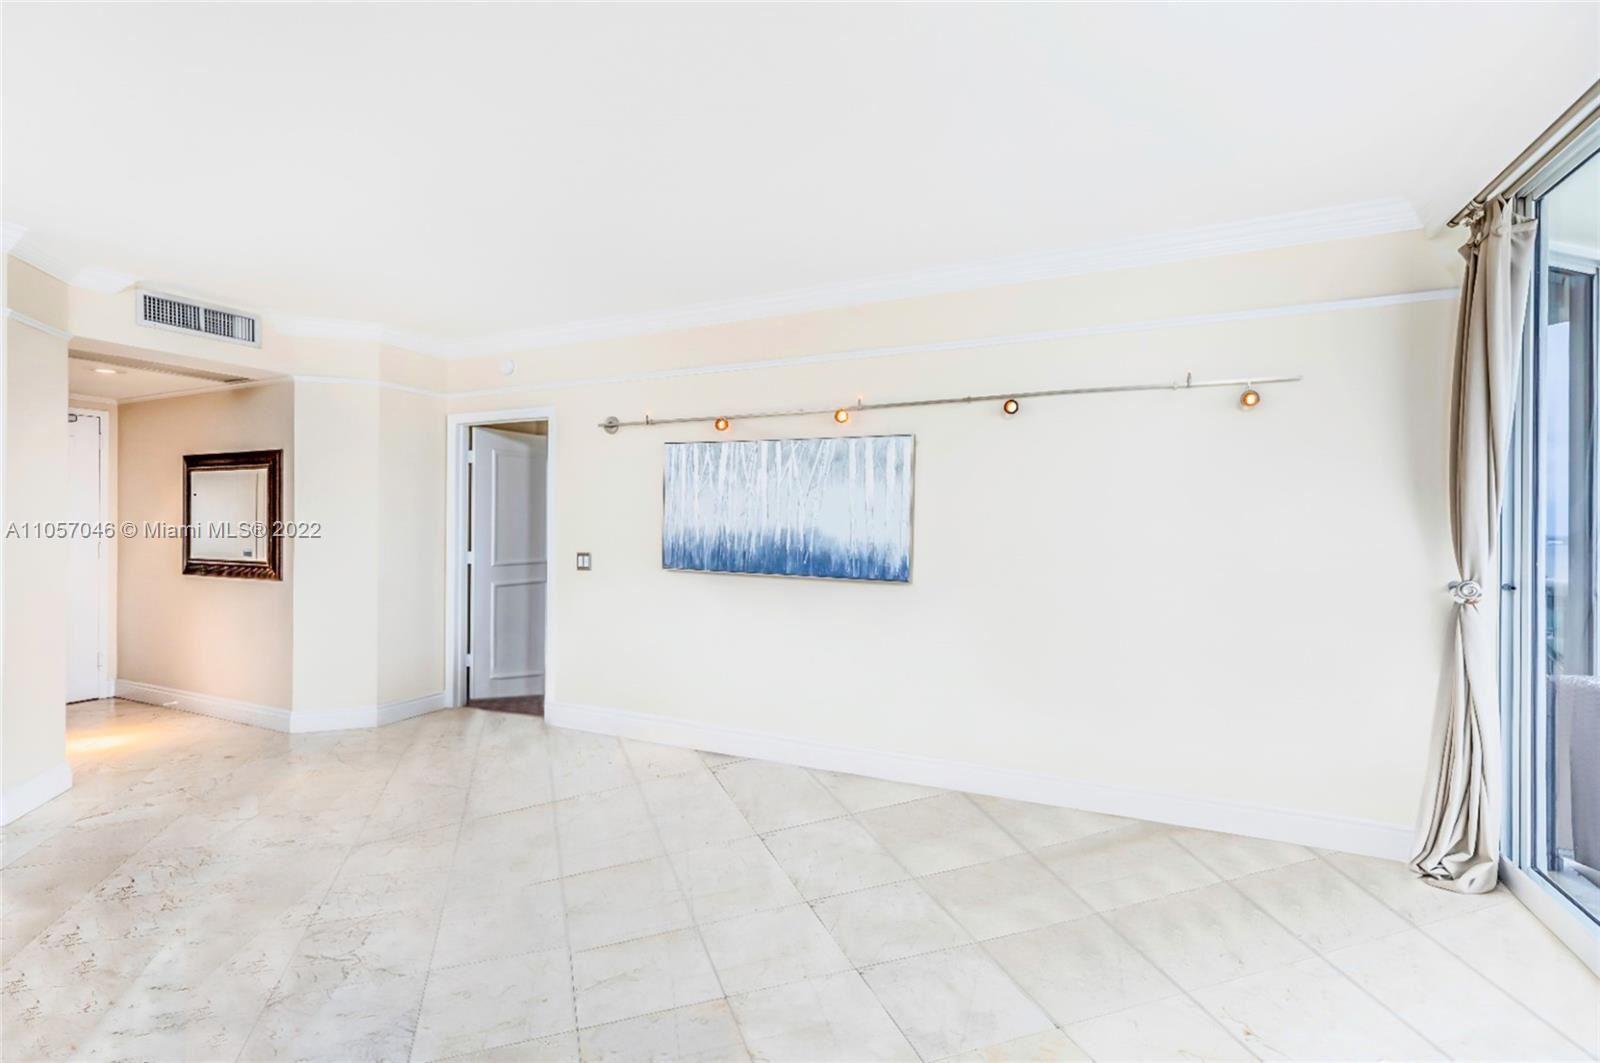 4779 Collins Ave #3006, Miami Beach, FL 33140 - #: A11057046